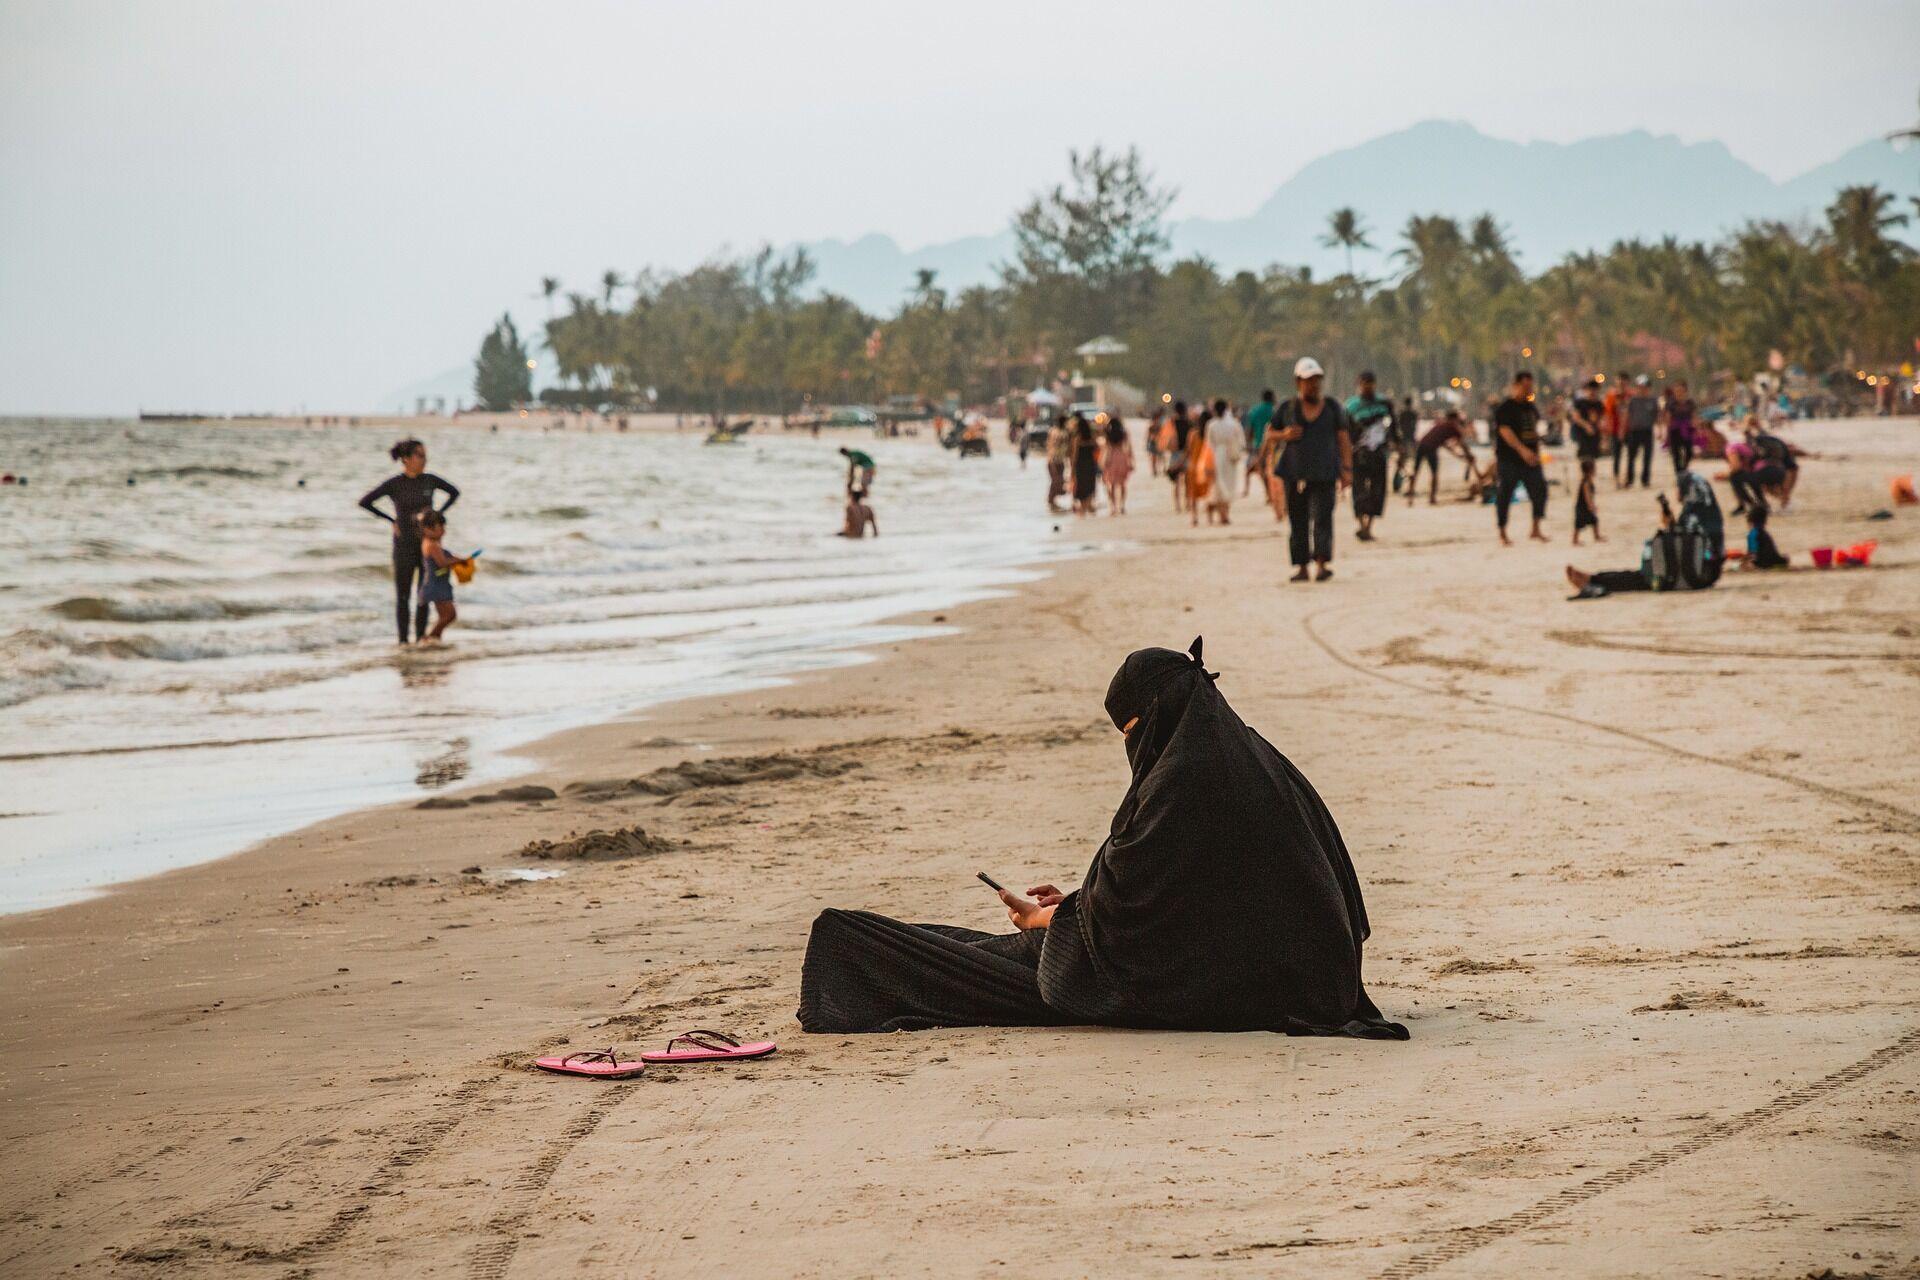 По законам шариата, женщина обязана прятать свое тело и быть скромной